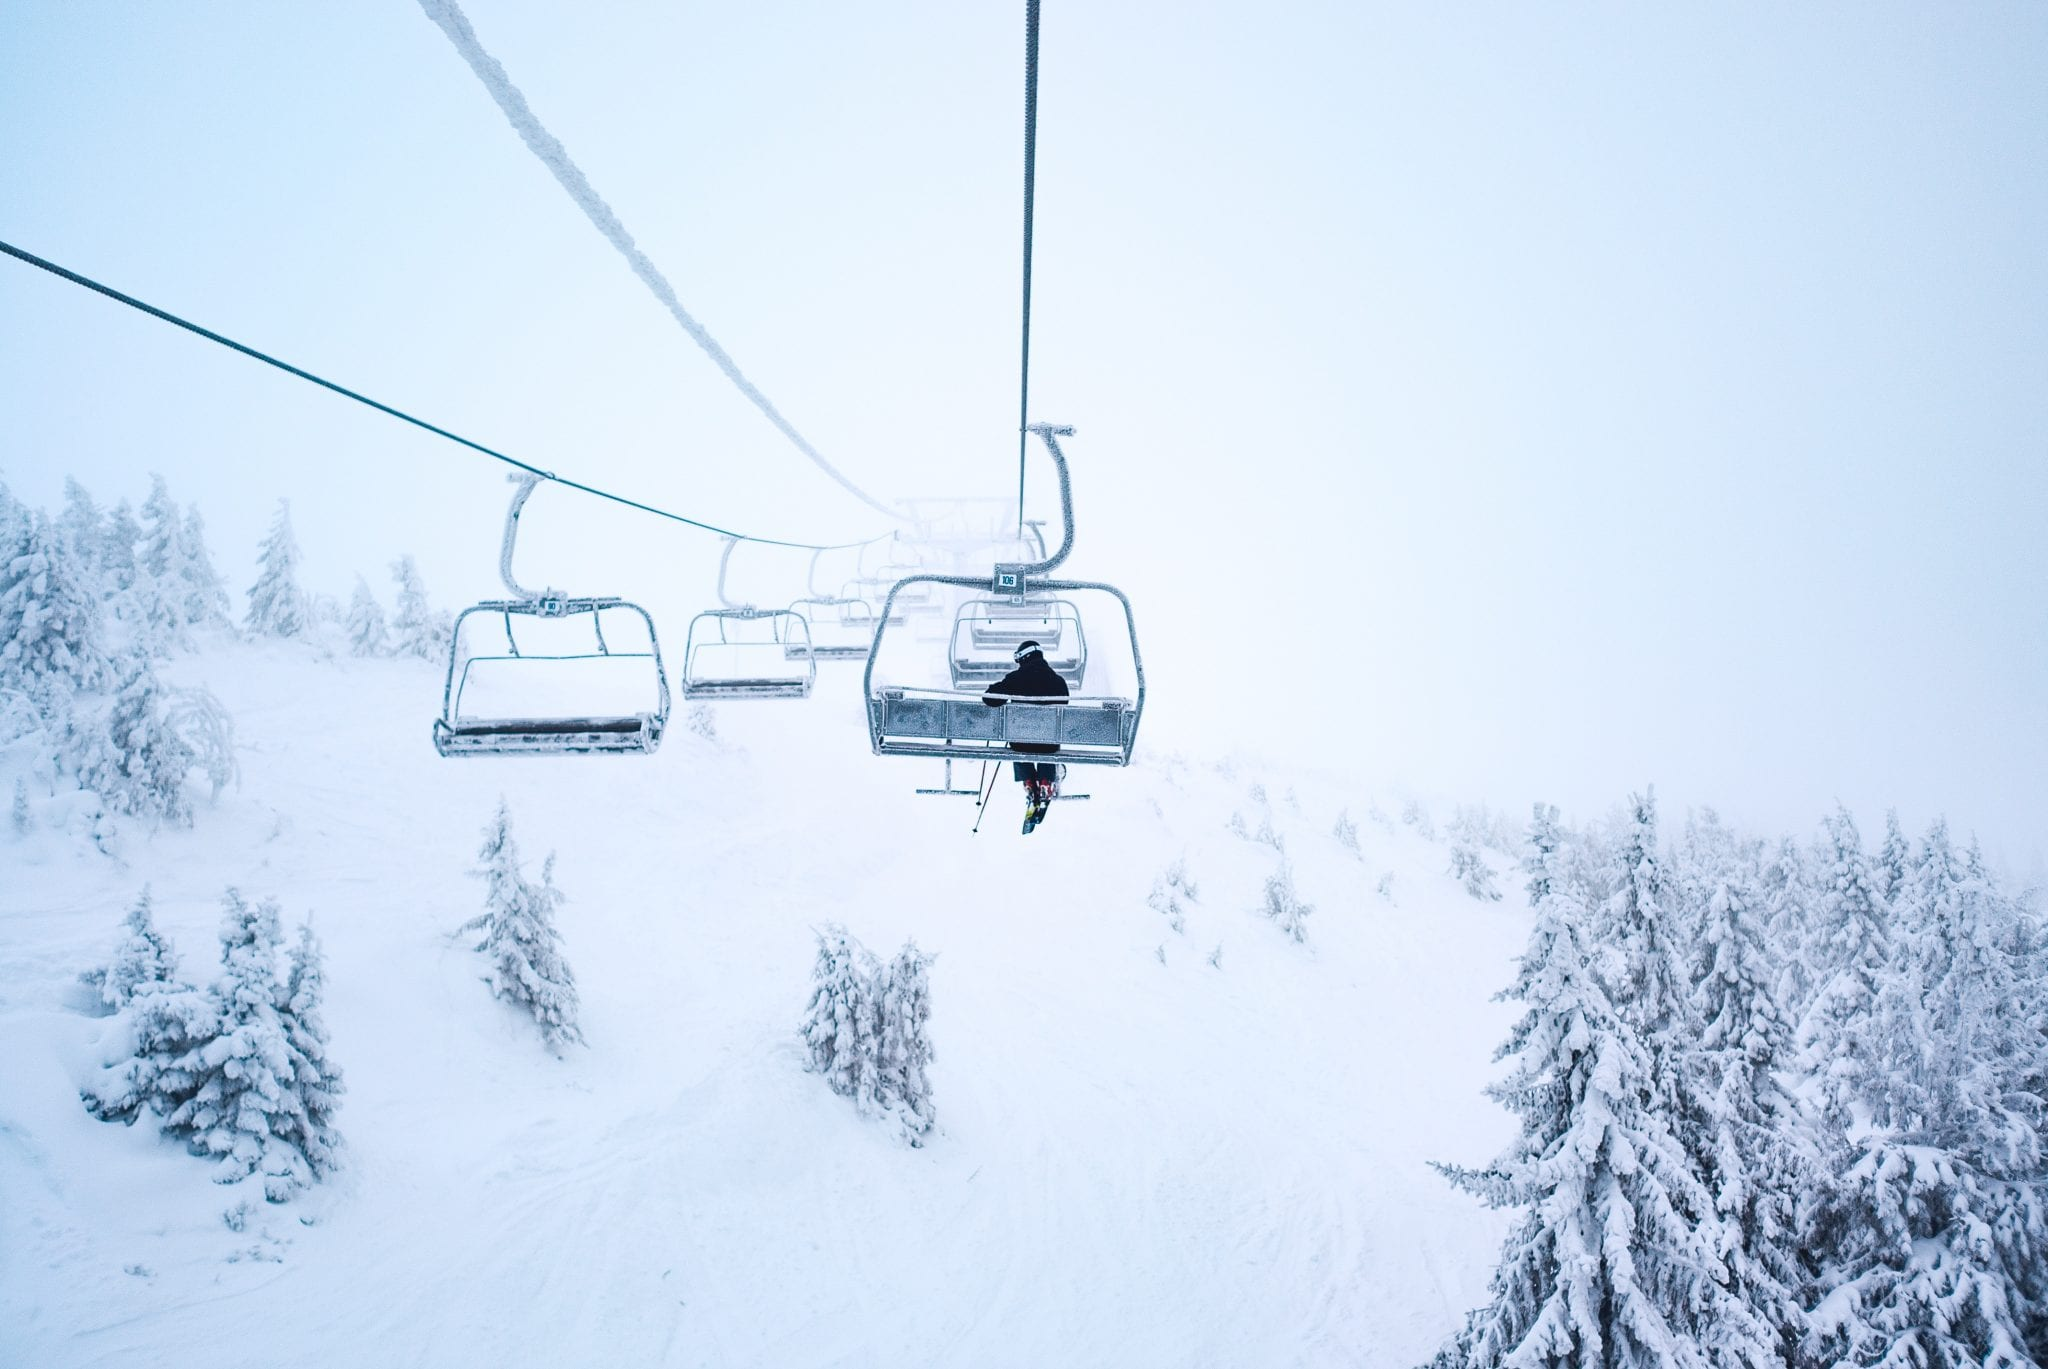 skigebied-buiten-de-alpen-erik-odiin-527657-unsplash